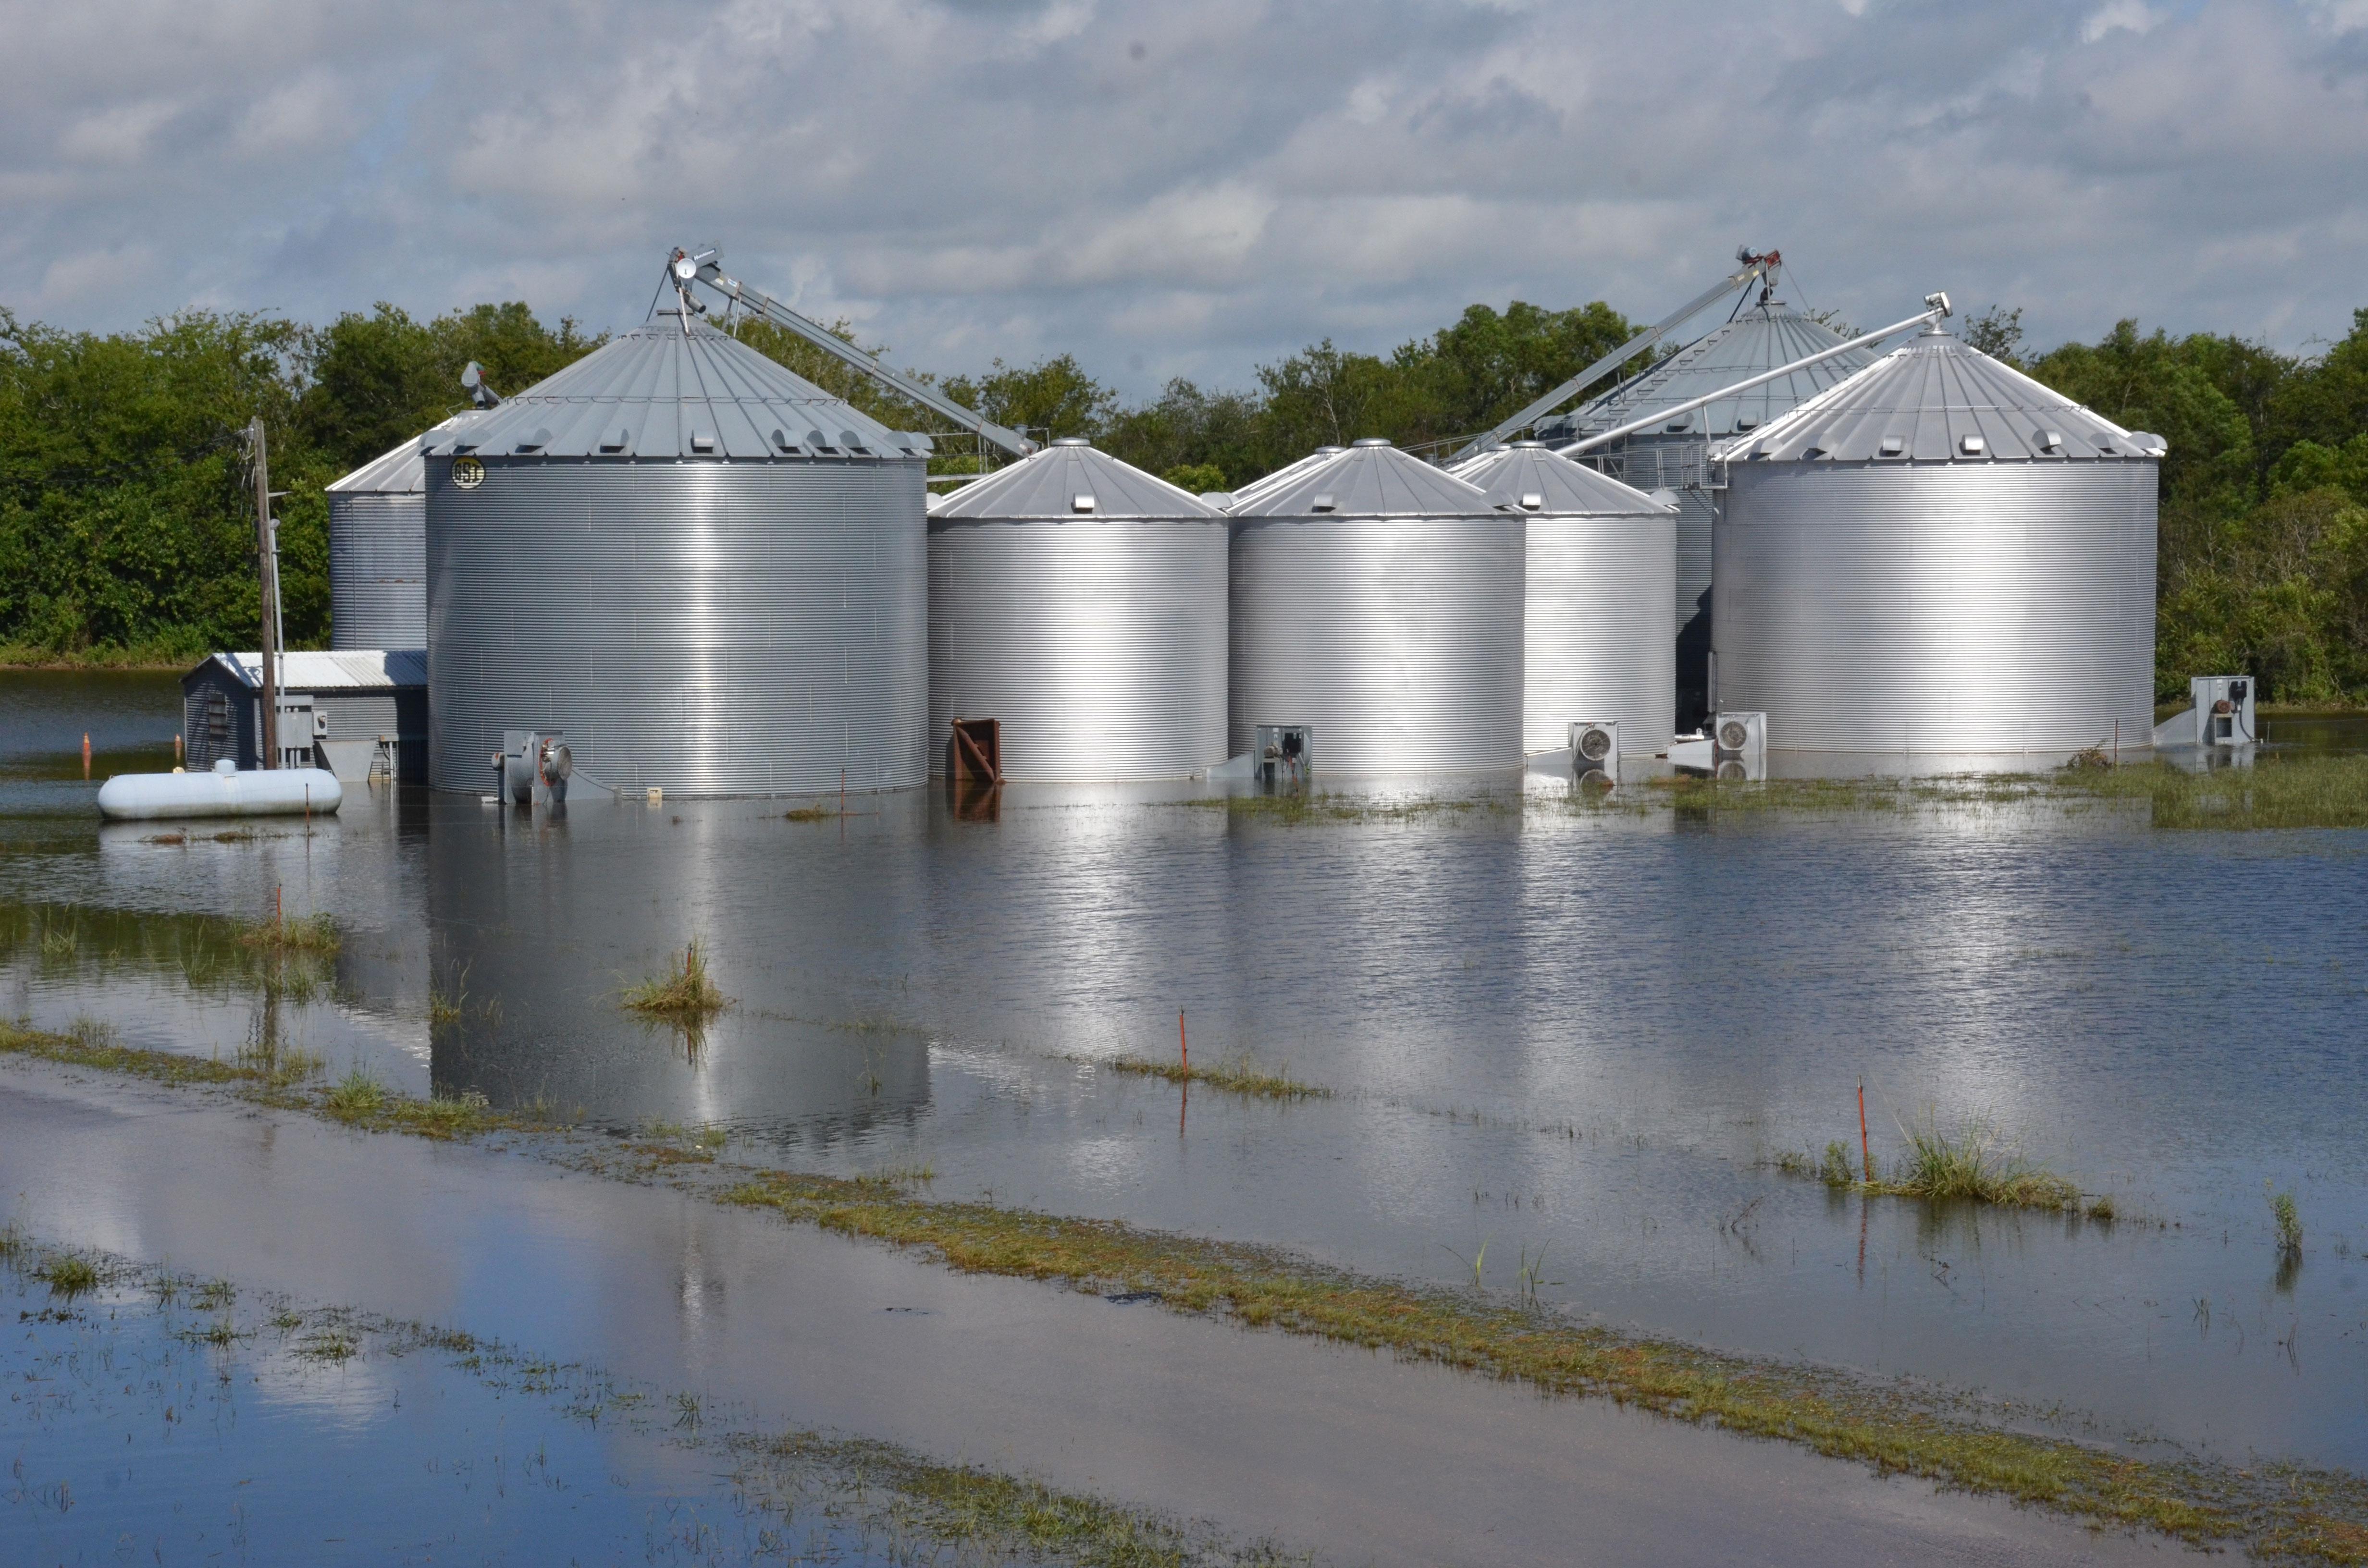 Flooded-Farm-Bins-LSU-AgCenter